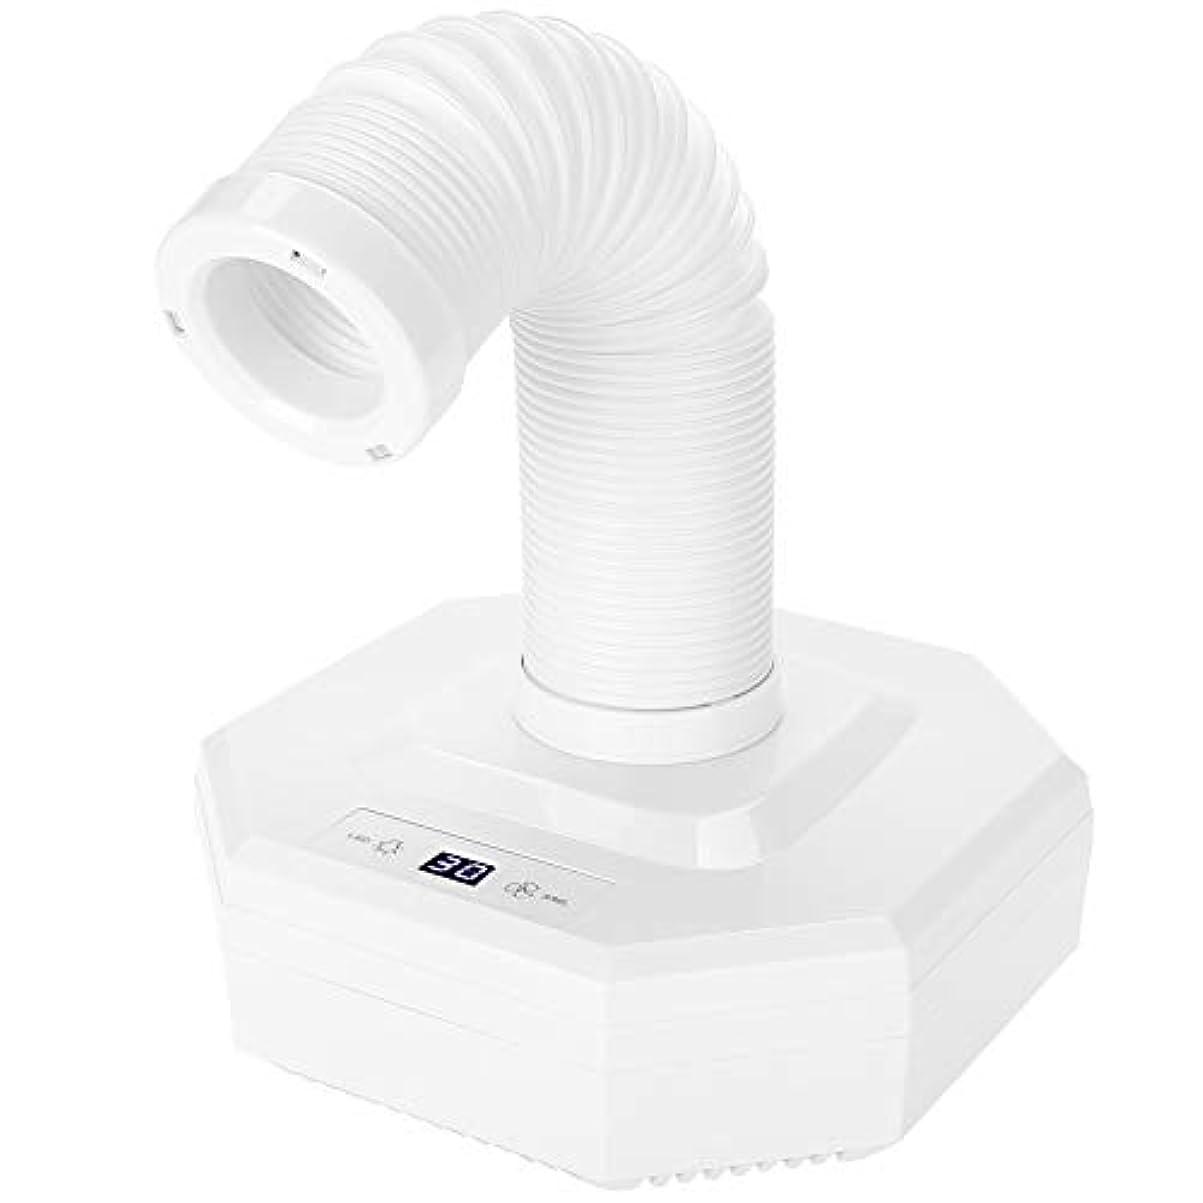 サーキュレーション牛家禽ネイル集塵機、60ワット強力なパワーマニキュア吸引掃除機用サロンuvジェルアクリルアートペディキュアツール(白)